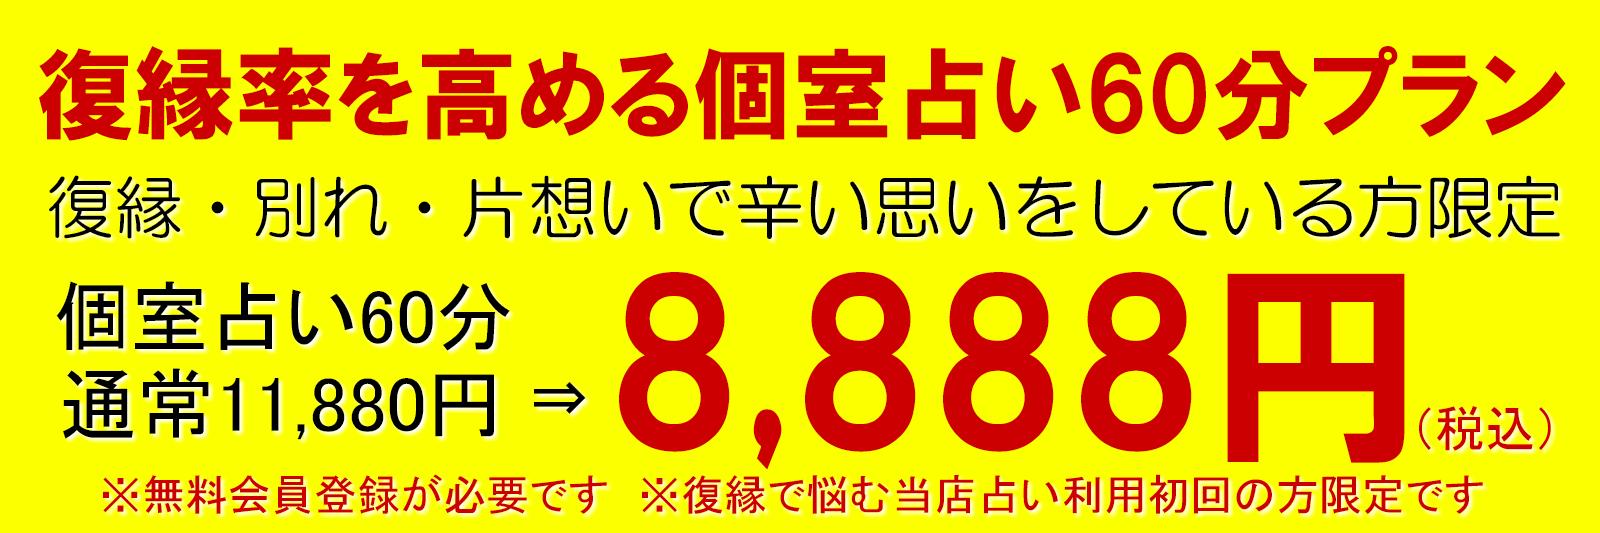 渋谷復縁占いなら復縁率を高める個室占い60分プラン【8,888円】がオススメ!復縁・別れ・片想いのお悩み限定の集中占いコースです!個室だから泣いても大丈夫です